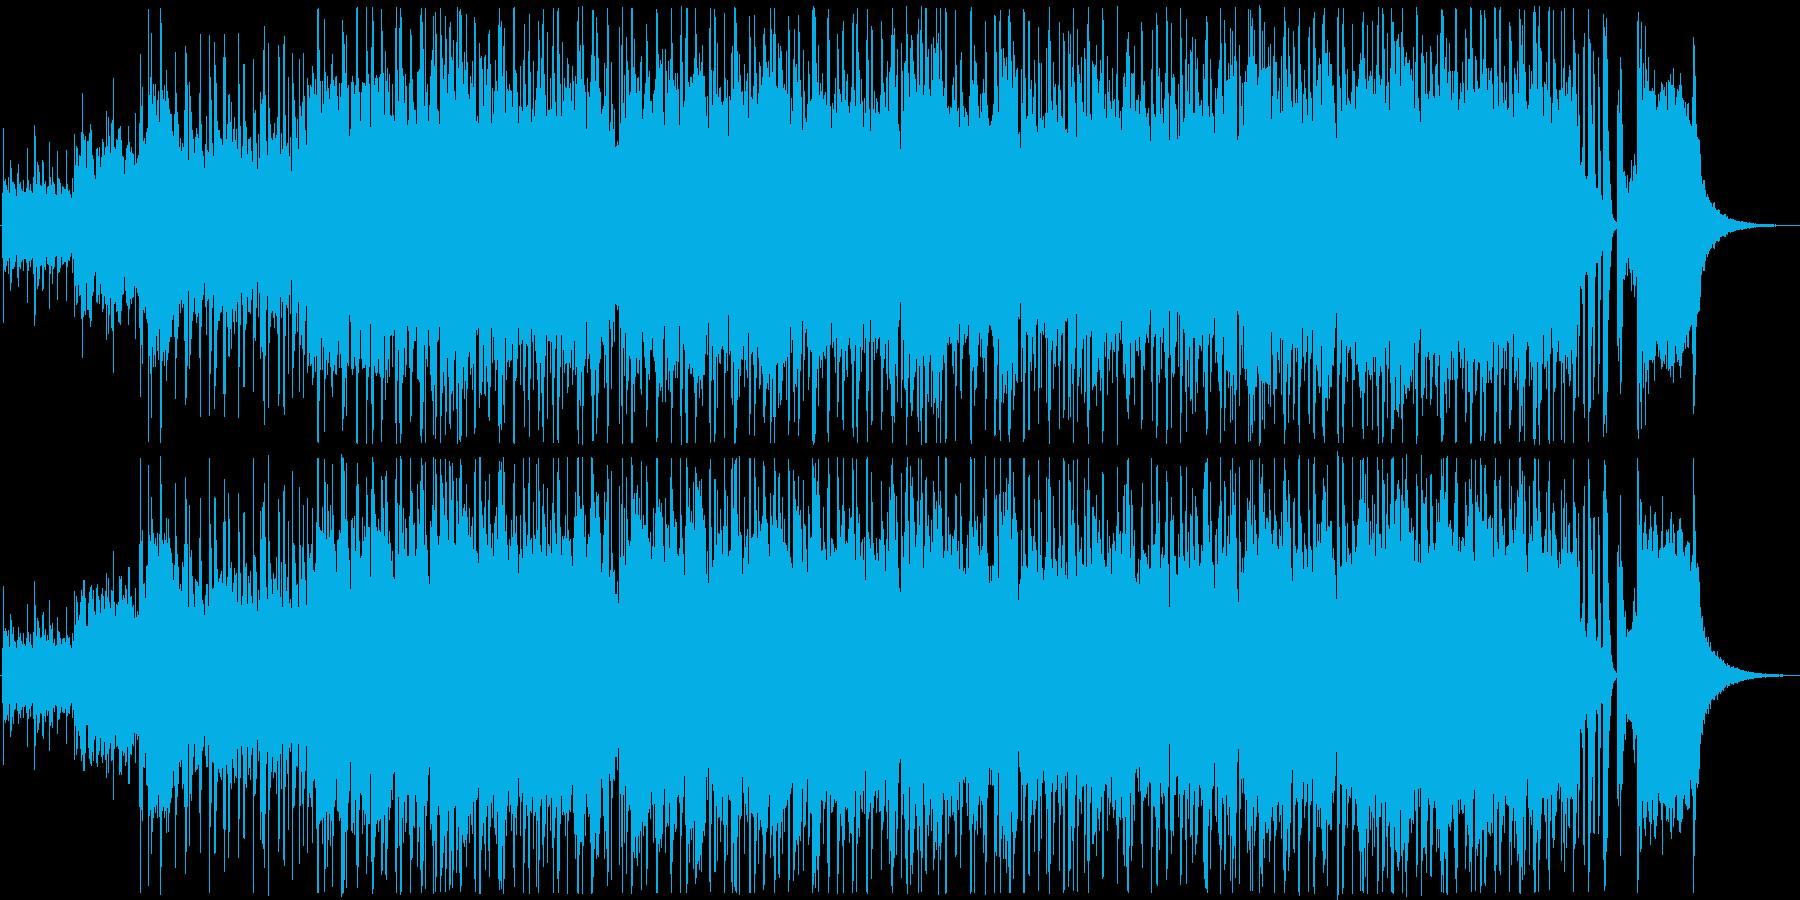 刑事ドラマに合うようなワイルドなサウンドの再生済みの波形